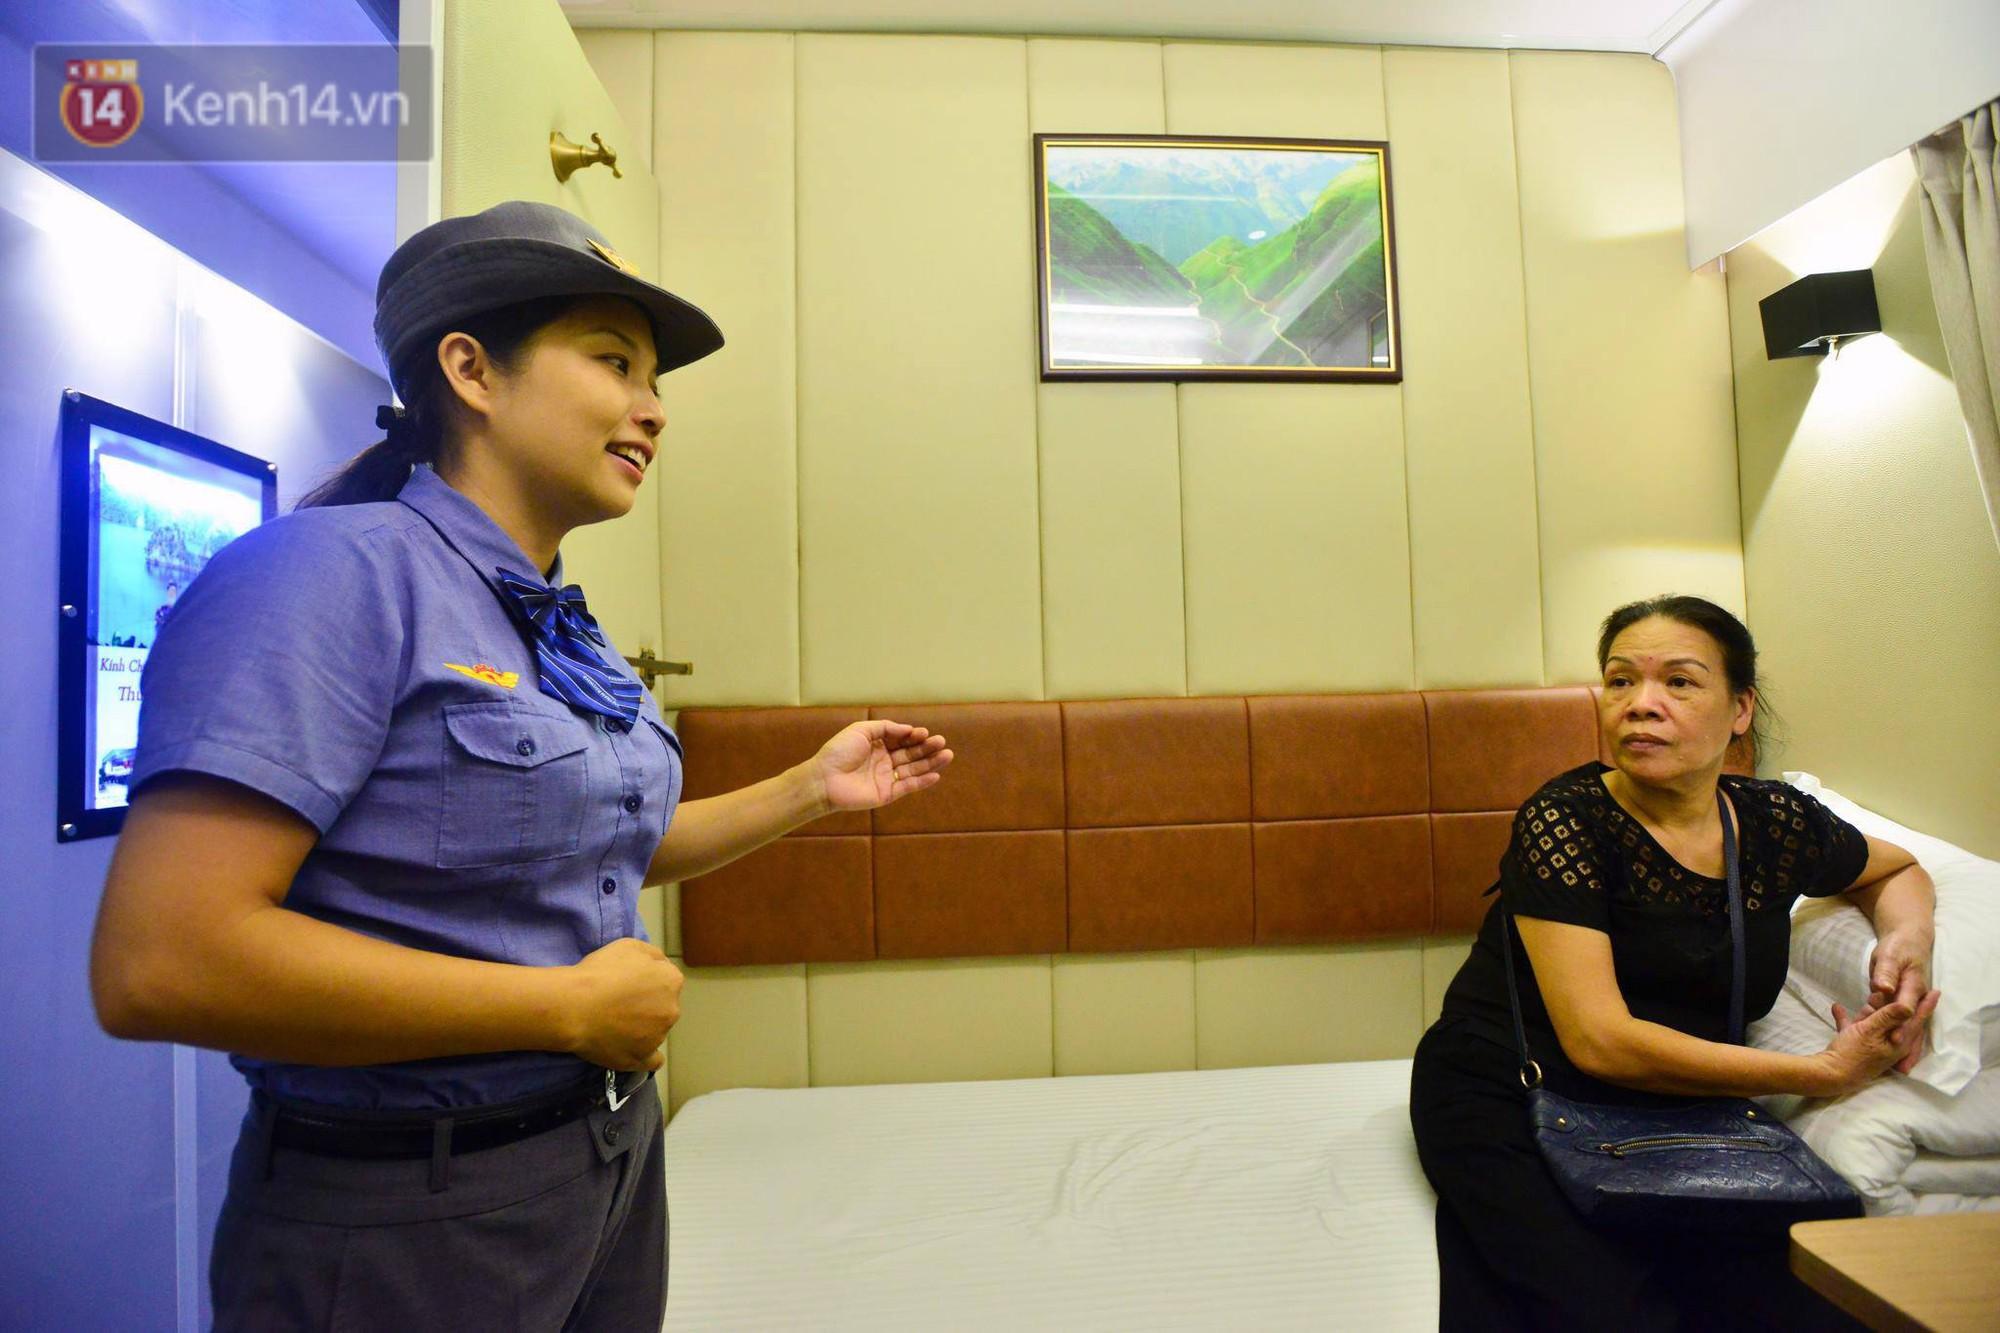 Cận cảnh khoang nằm sang trọng được đưa vào phục vụ trên tuyến đường sắt Bắc - Nam 2